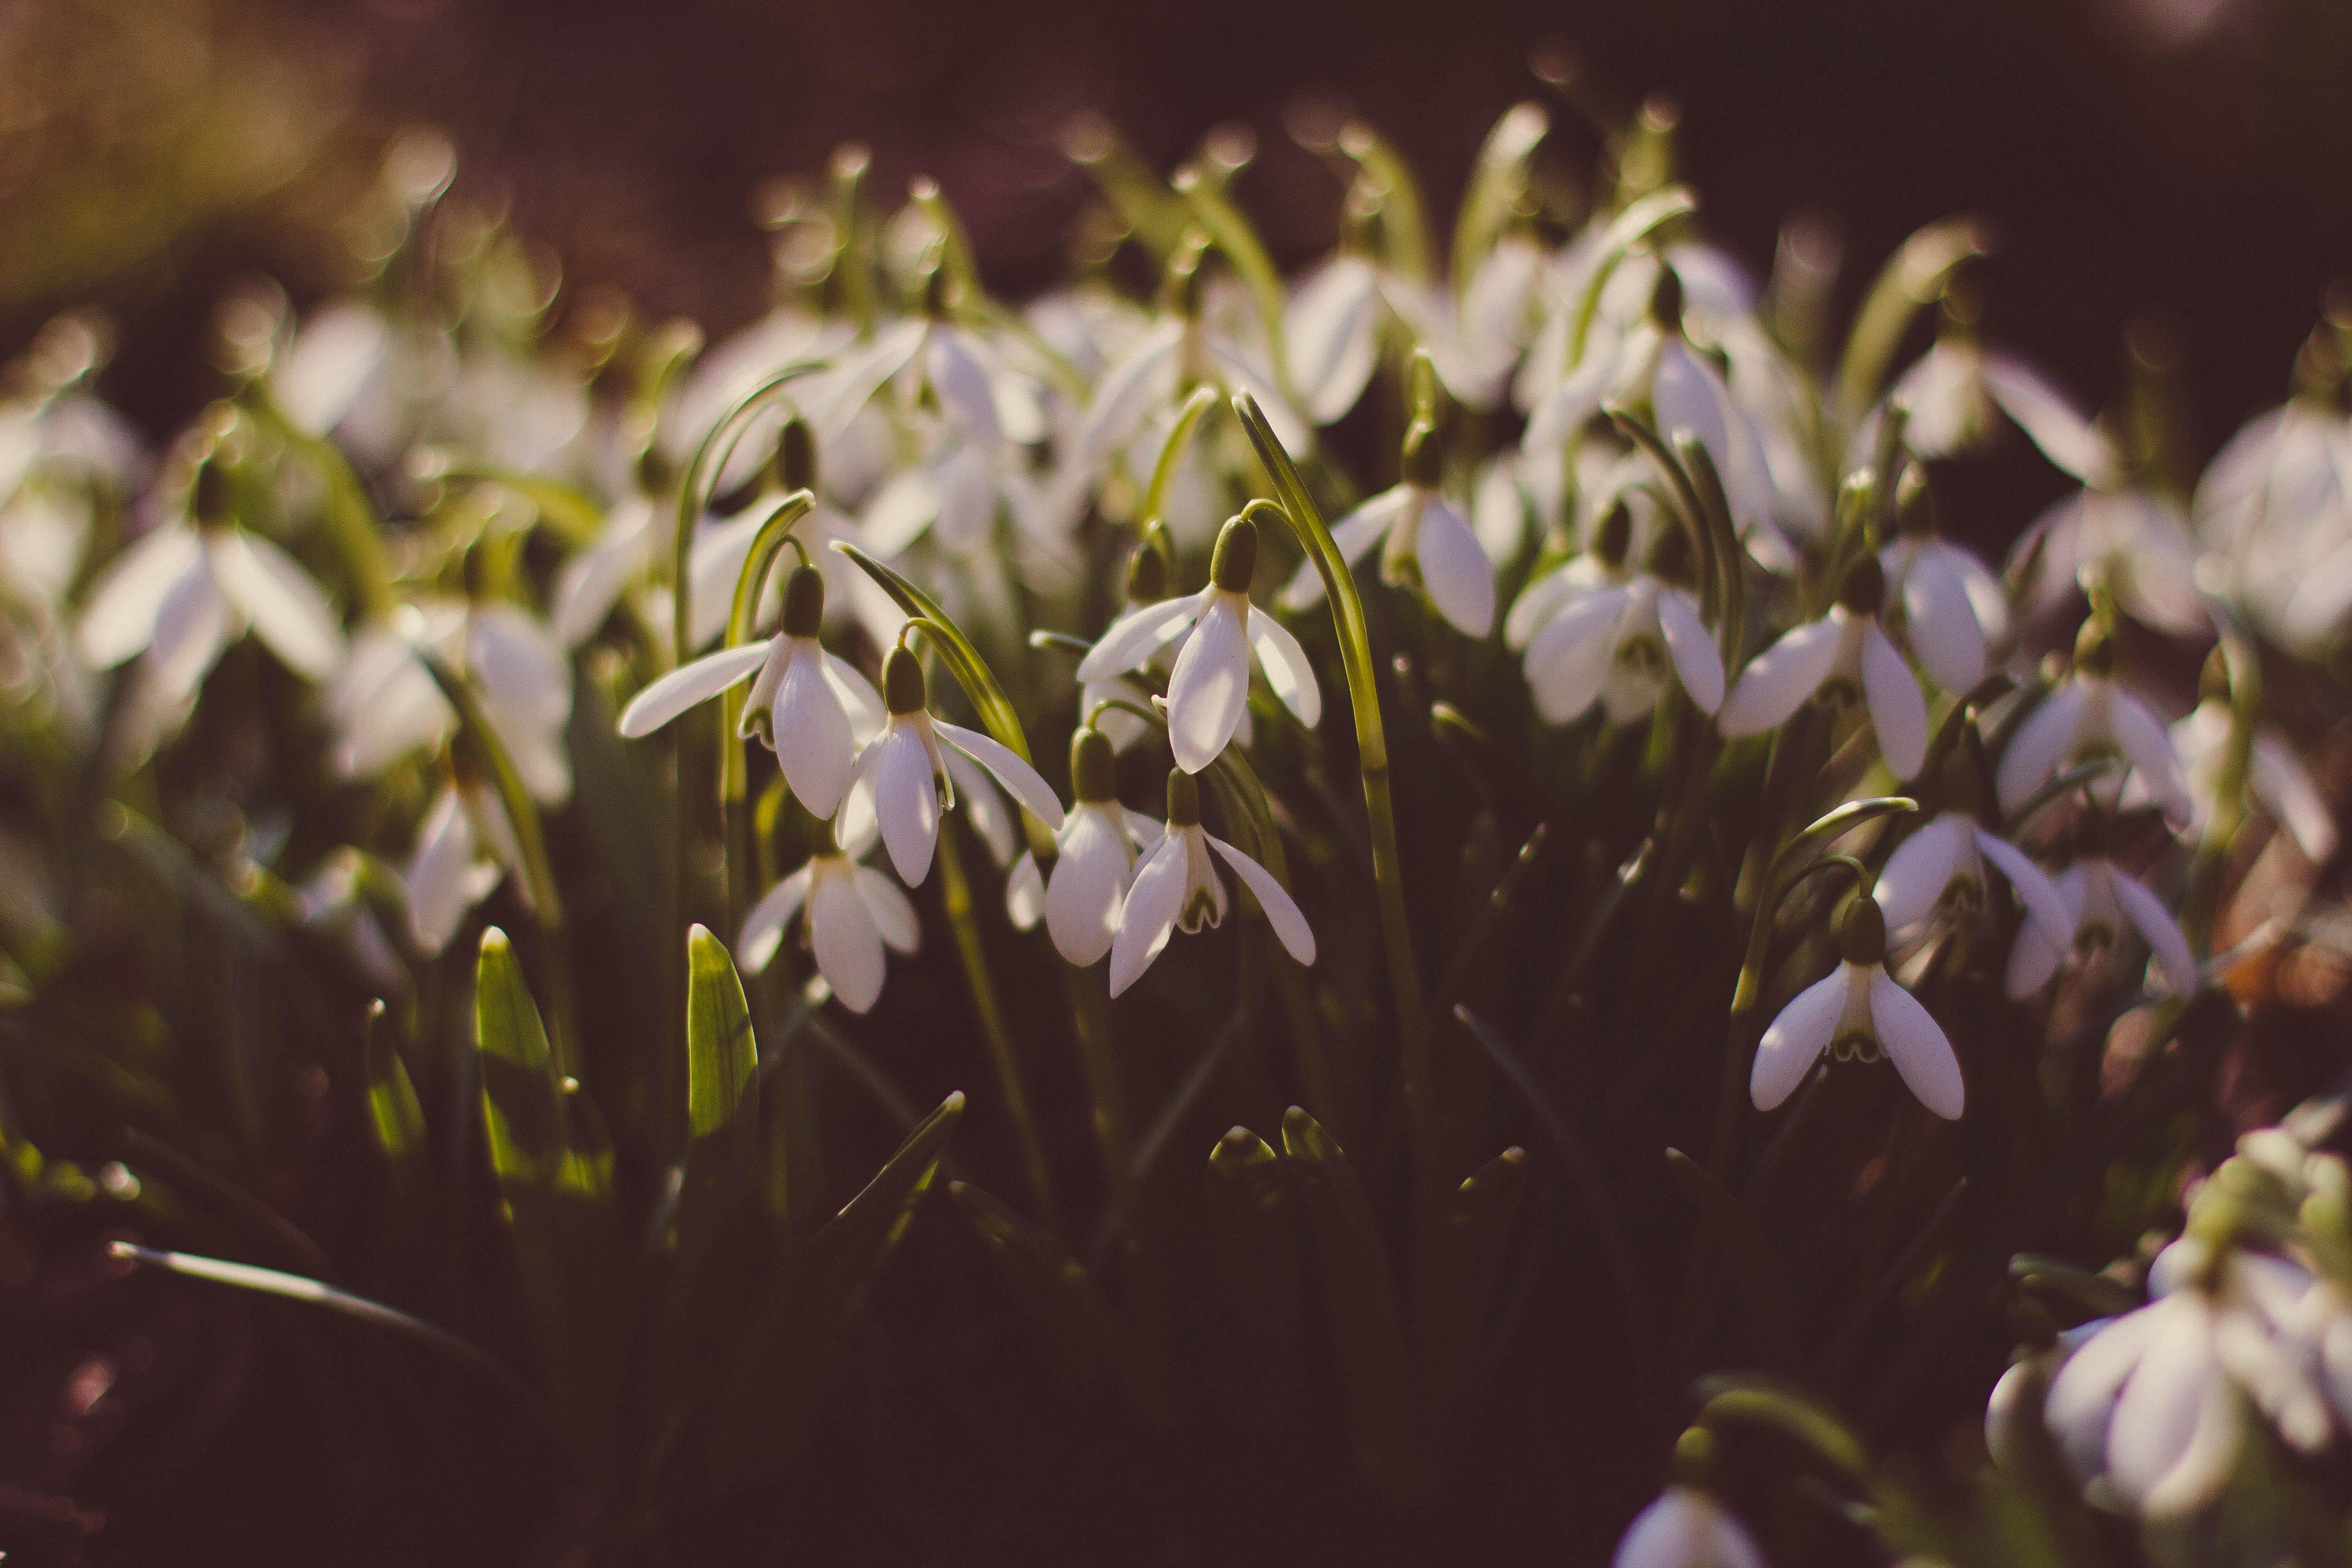 145598 Заставки и Обои Подснежники на телефон. Скачать Цветы, Подснежники, Поляна, Весна картинки бесплатно